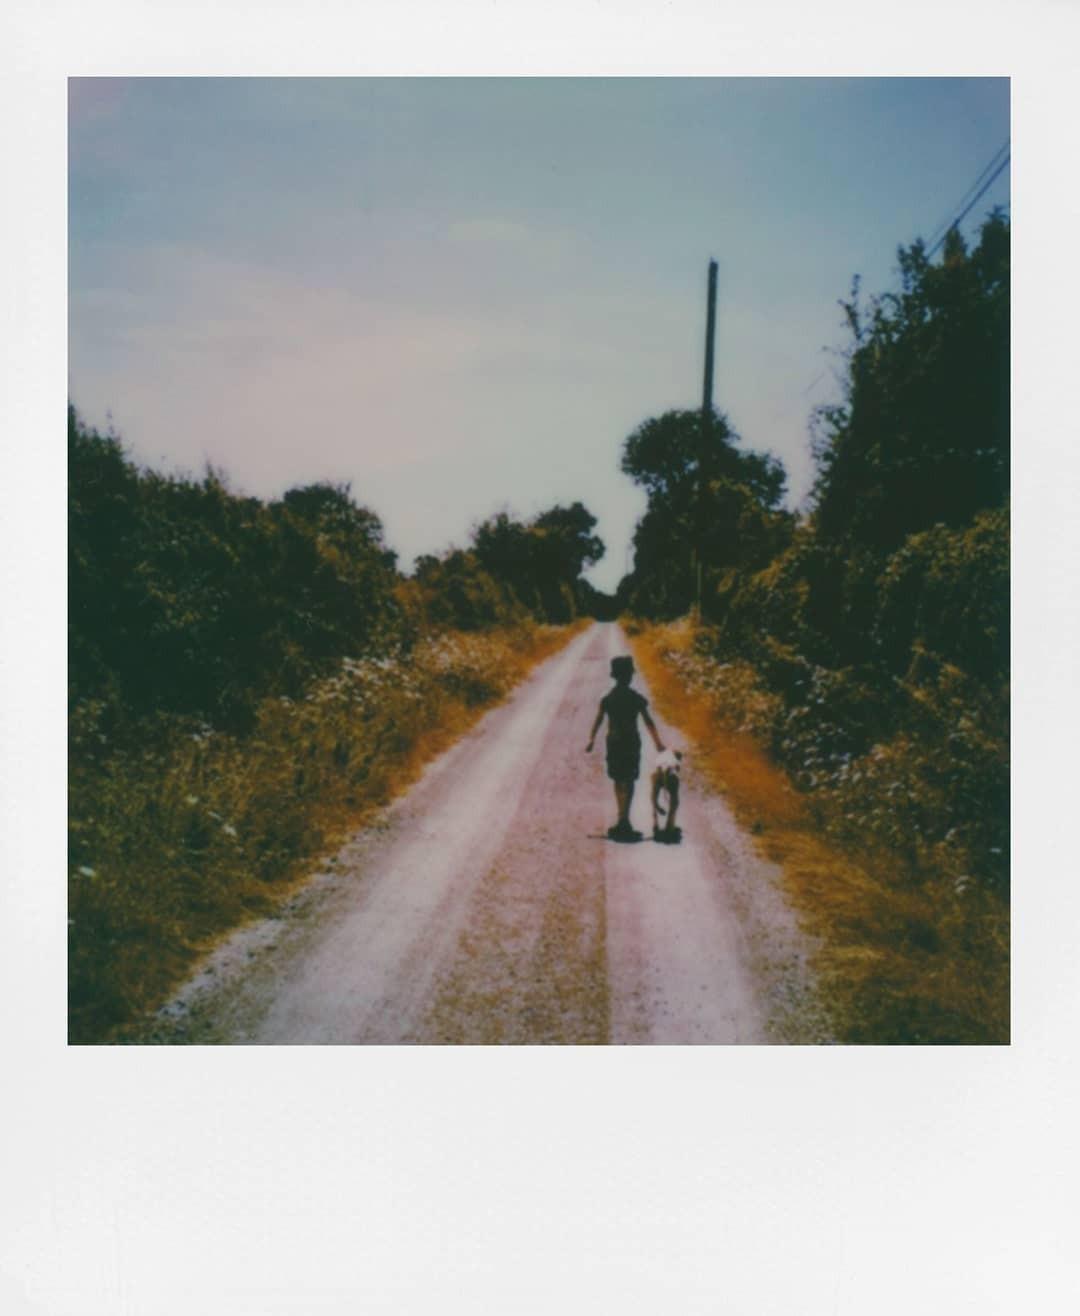 «Мальчик с другом». Фотограф flaviechrb